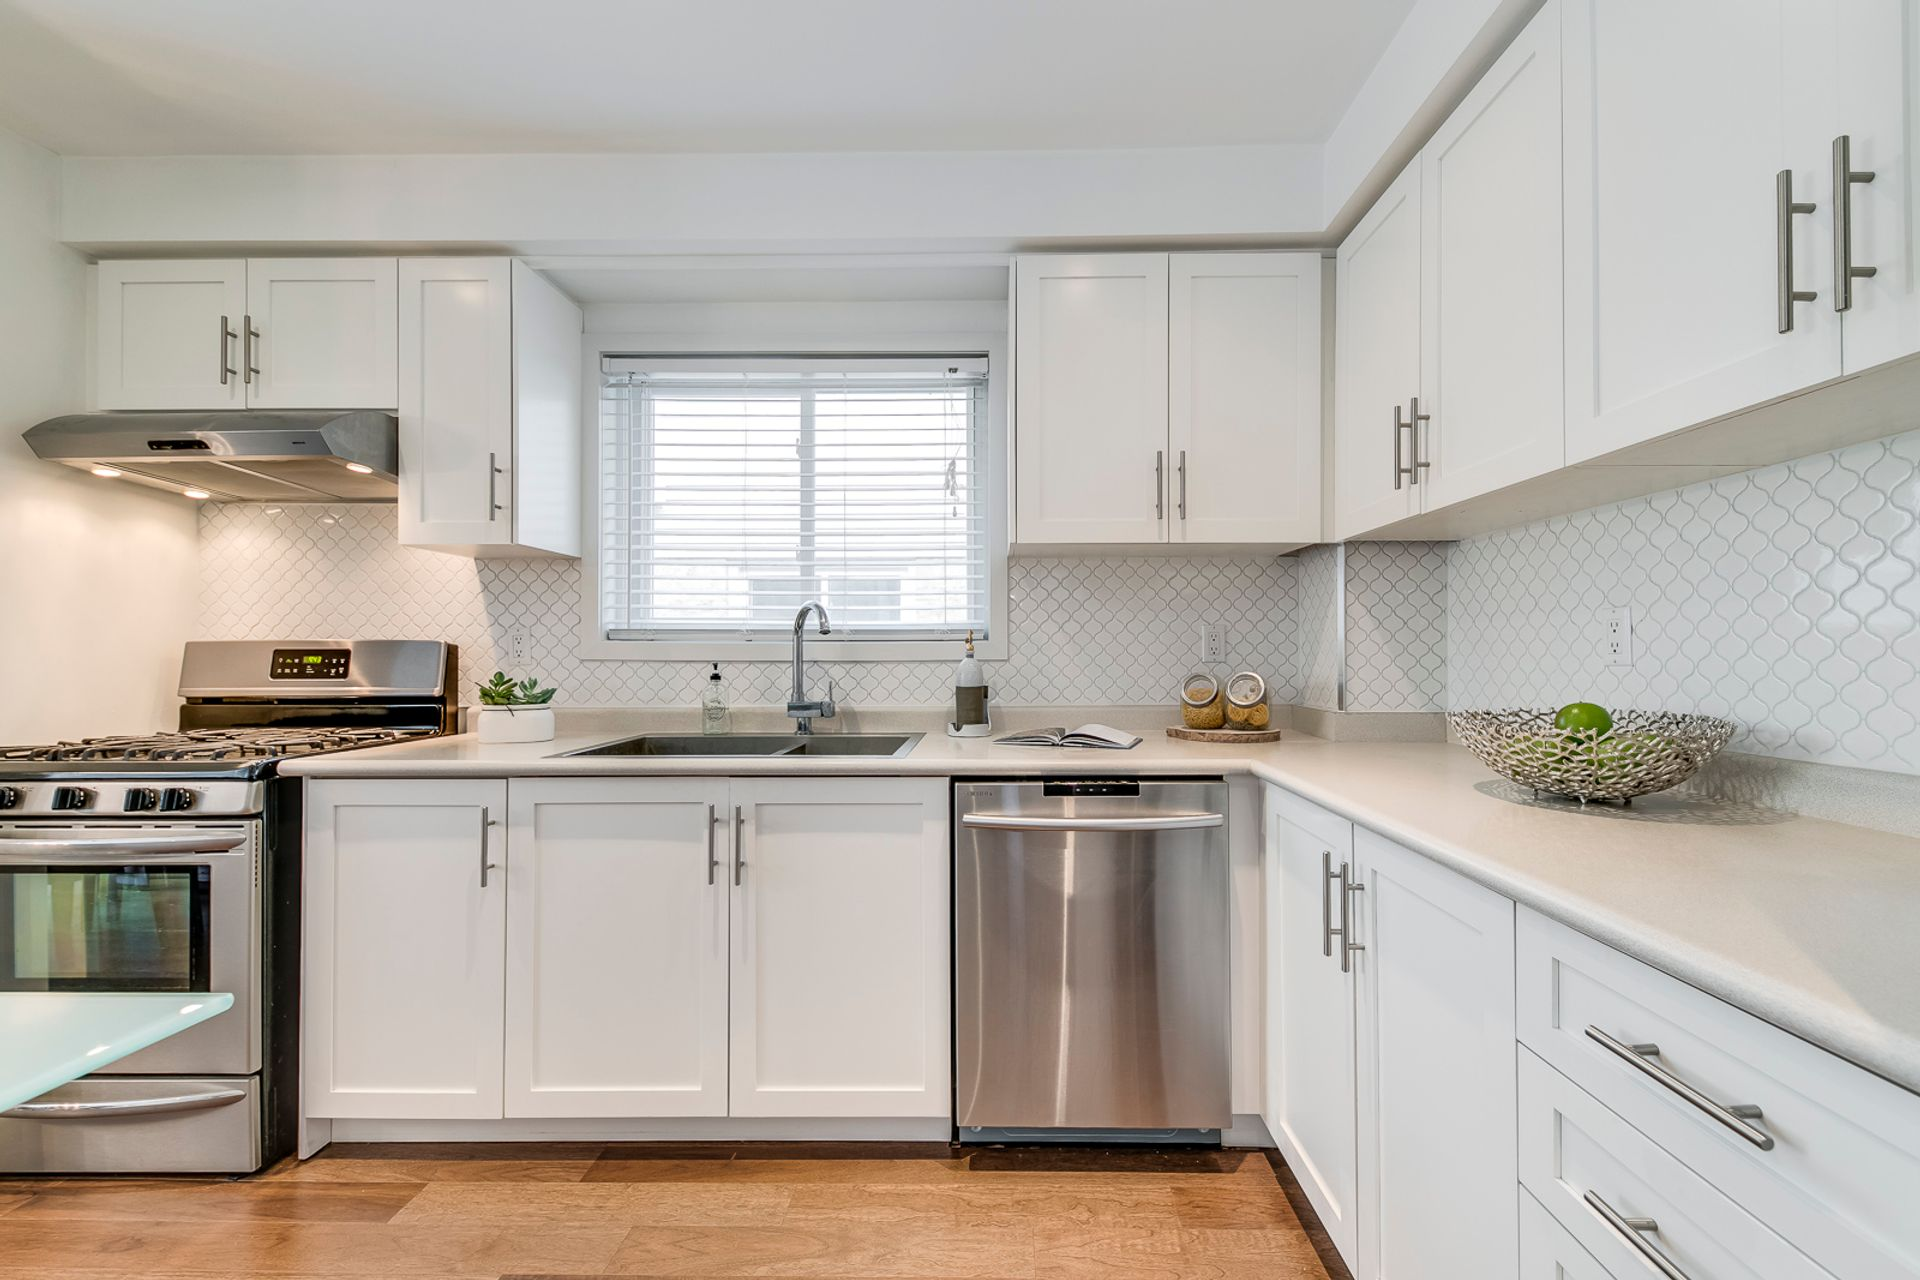 Living/Dining/Kitchen - 2447 Stefi Trail, Oakville - Elite3 & Team at 2447 Stefi Trail, River Oaks, Oakville